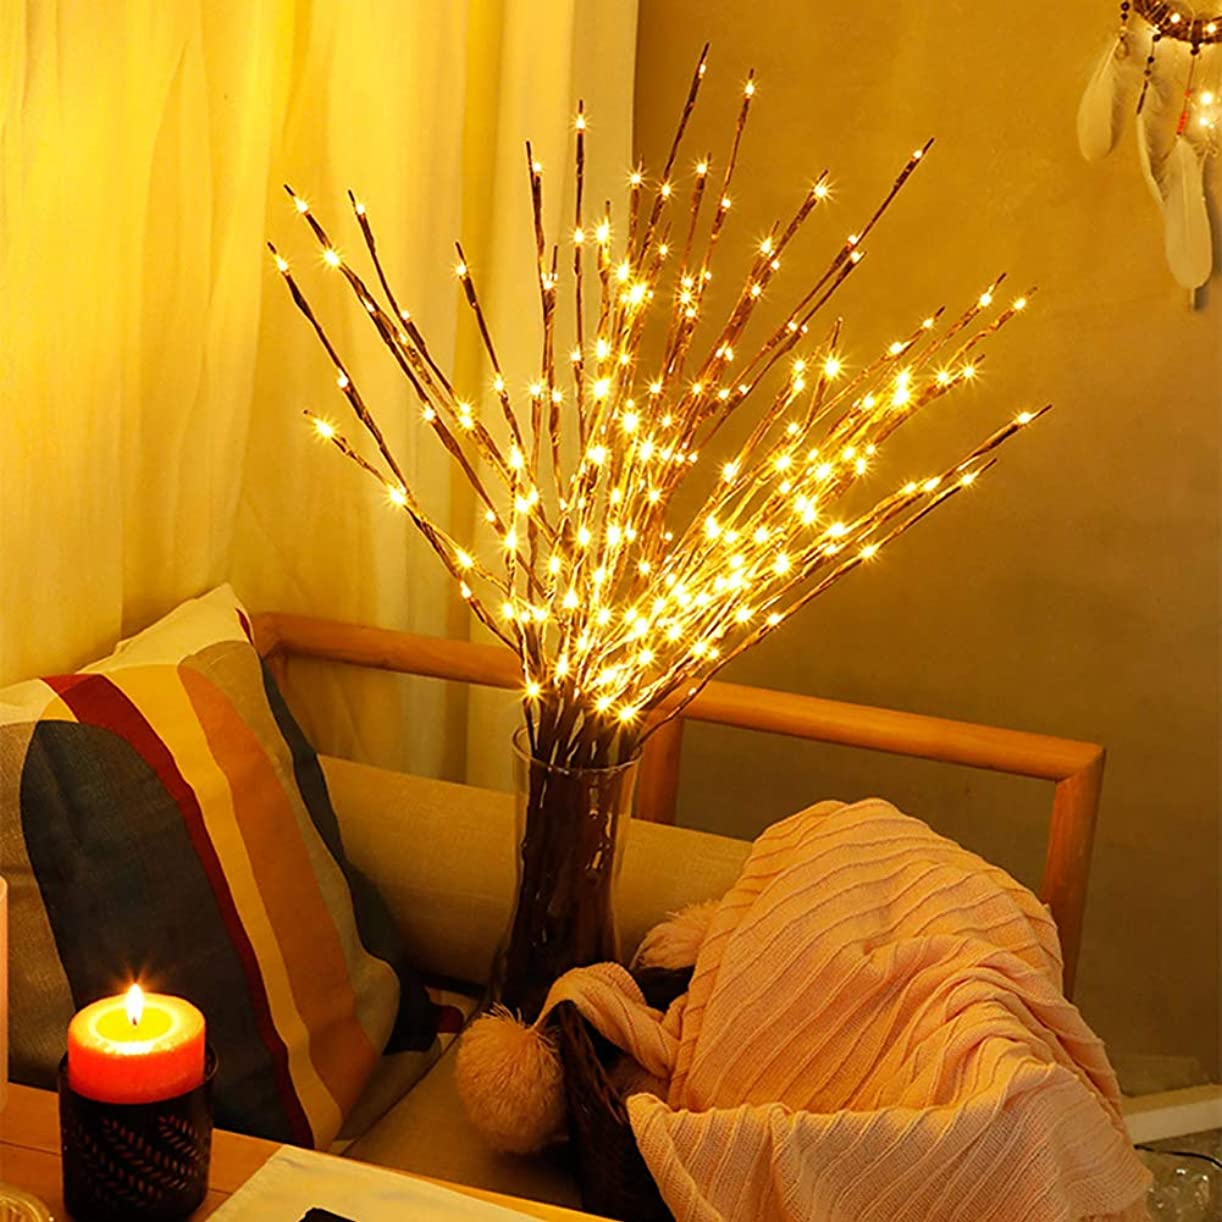 十代四分円一口パティオの寝室のハロウィーン感謝祭クリスマスのシミュレーションツリーブランチ文字列ライト